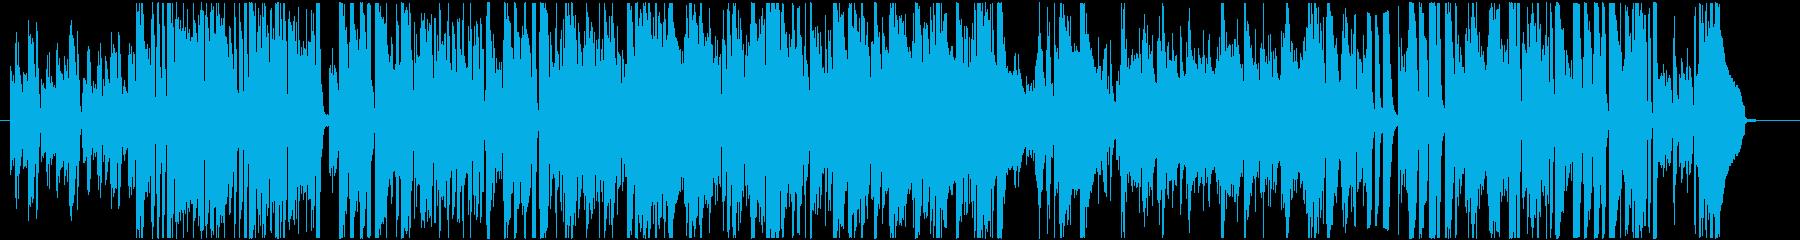 カッコよくて洗練されたジャズピアノトリオの再生済みの波形